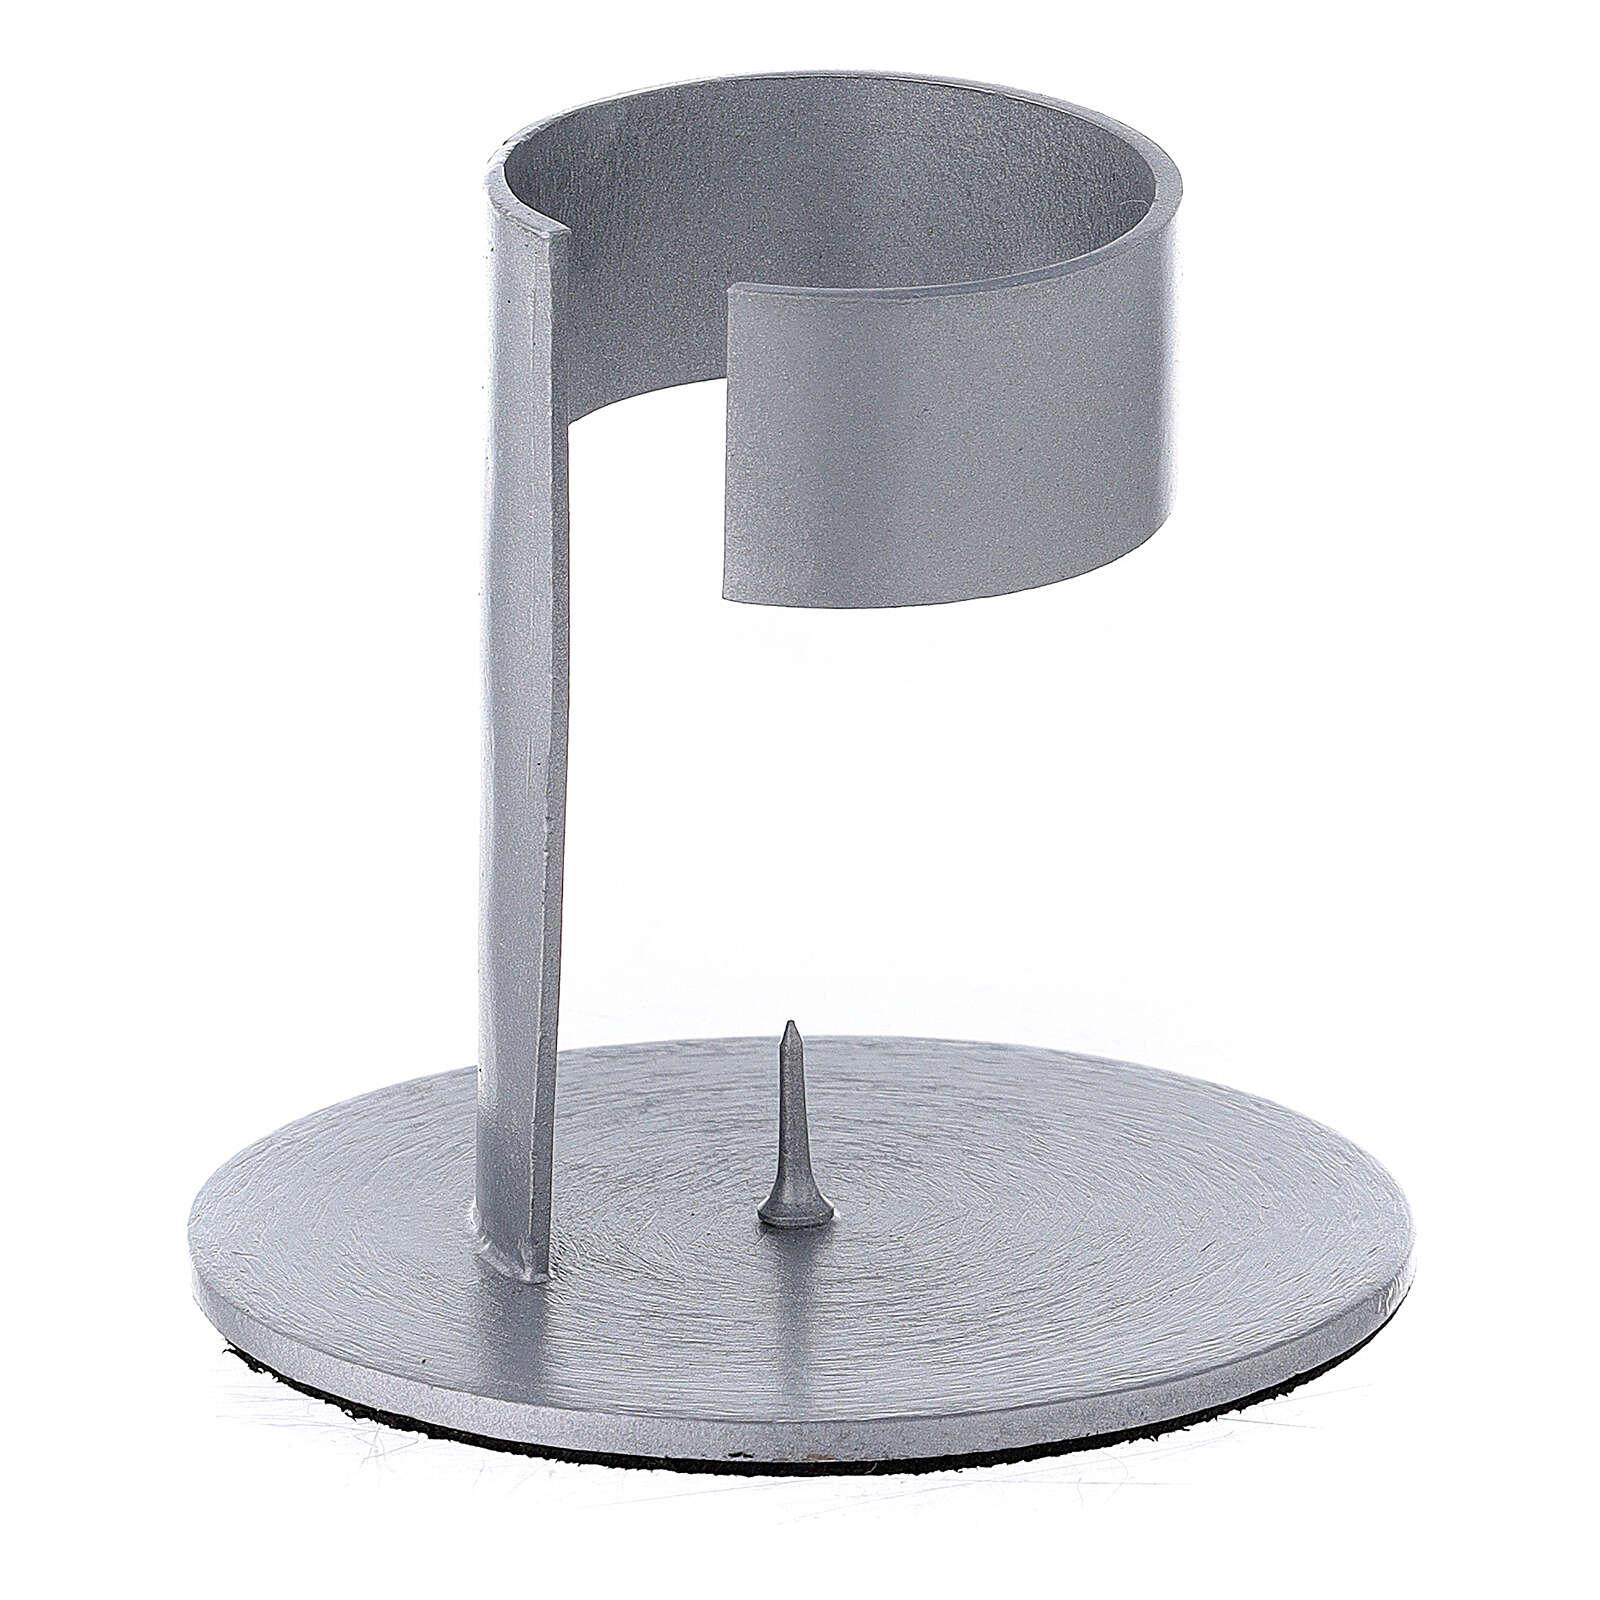 Portacandela fascia alluminio spazzolato 4 cm 3